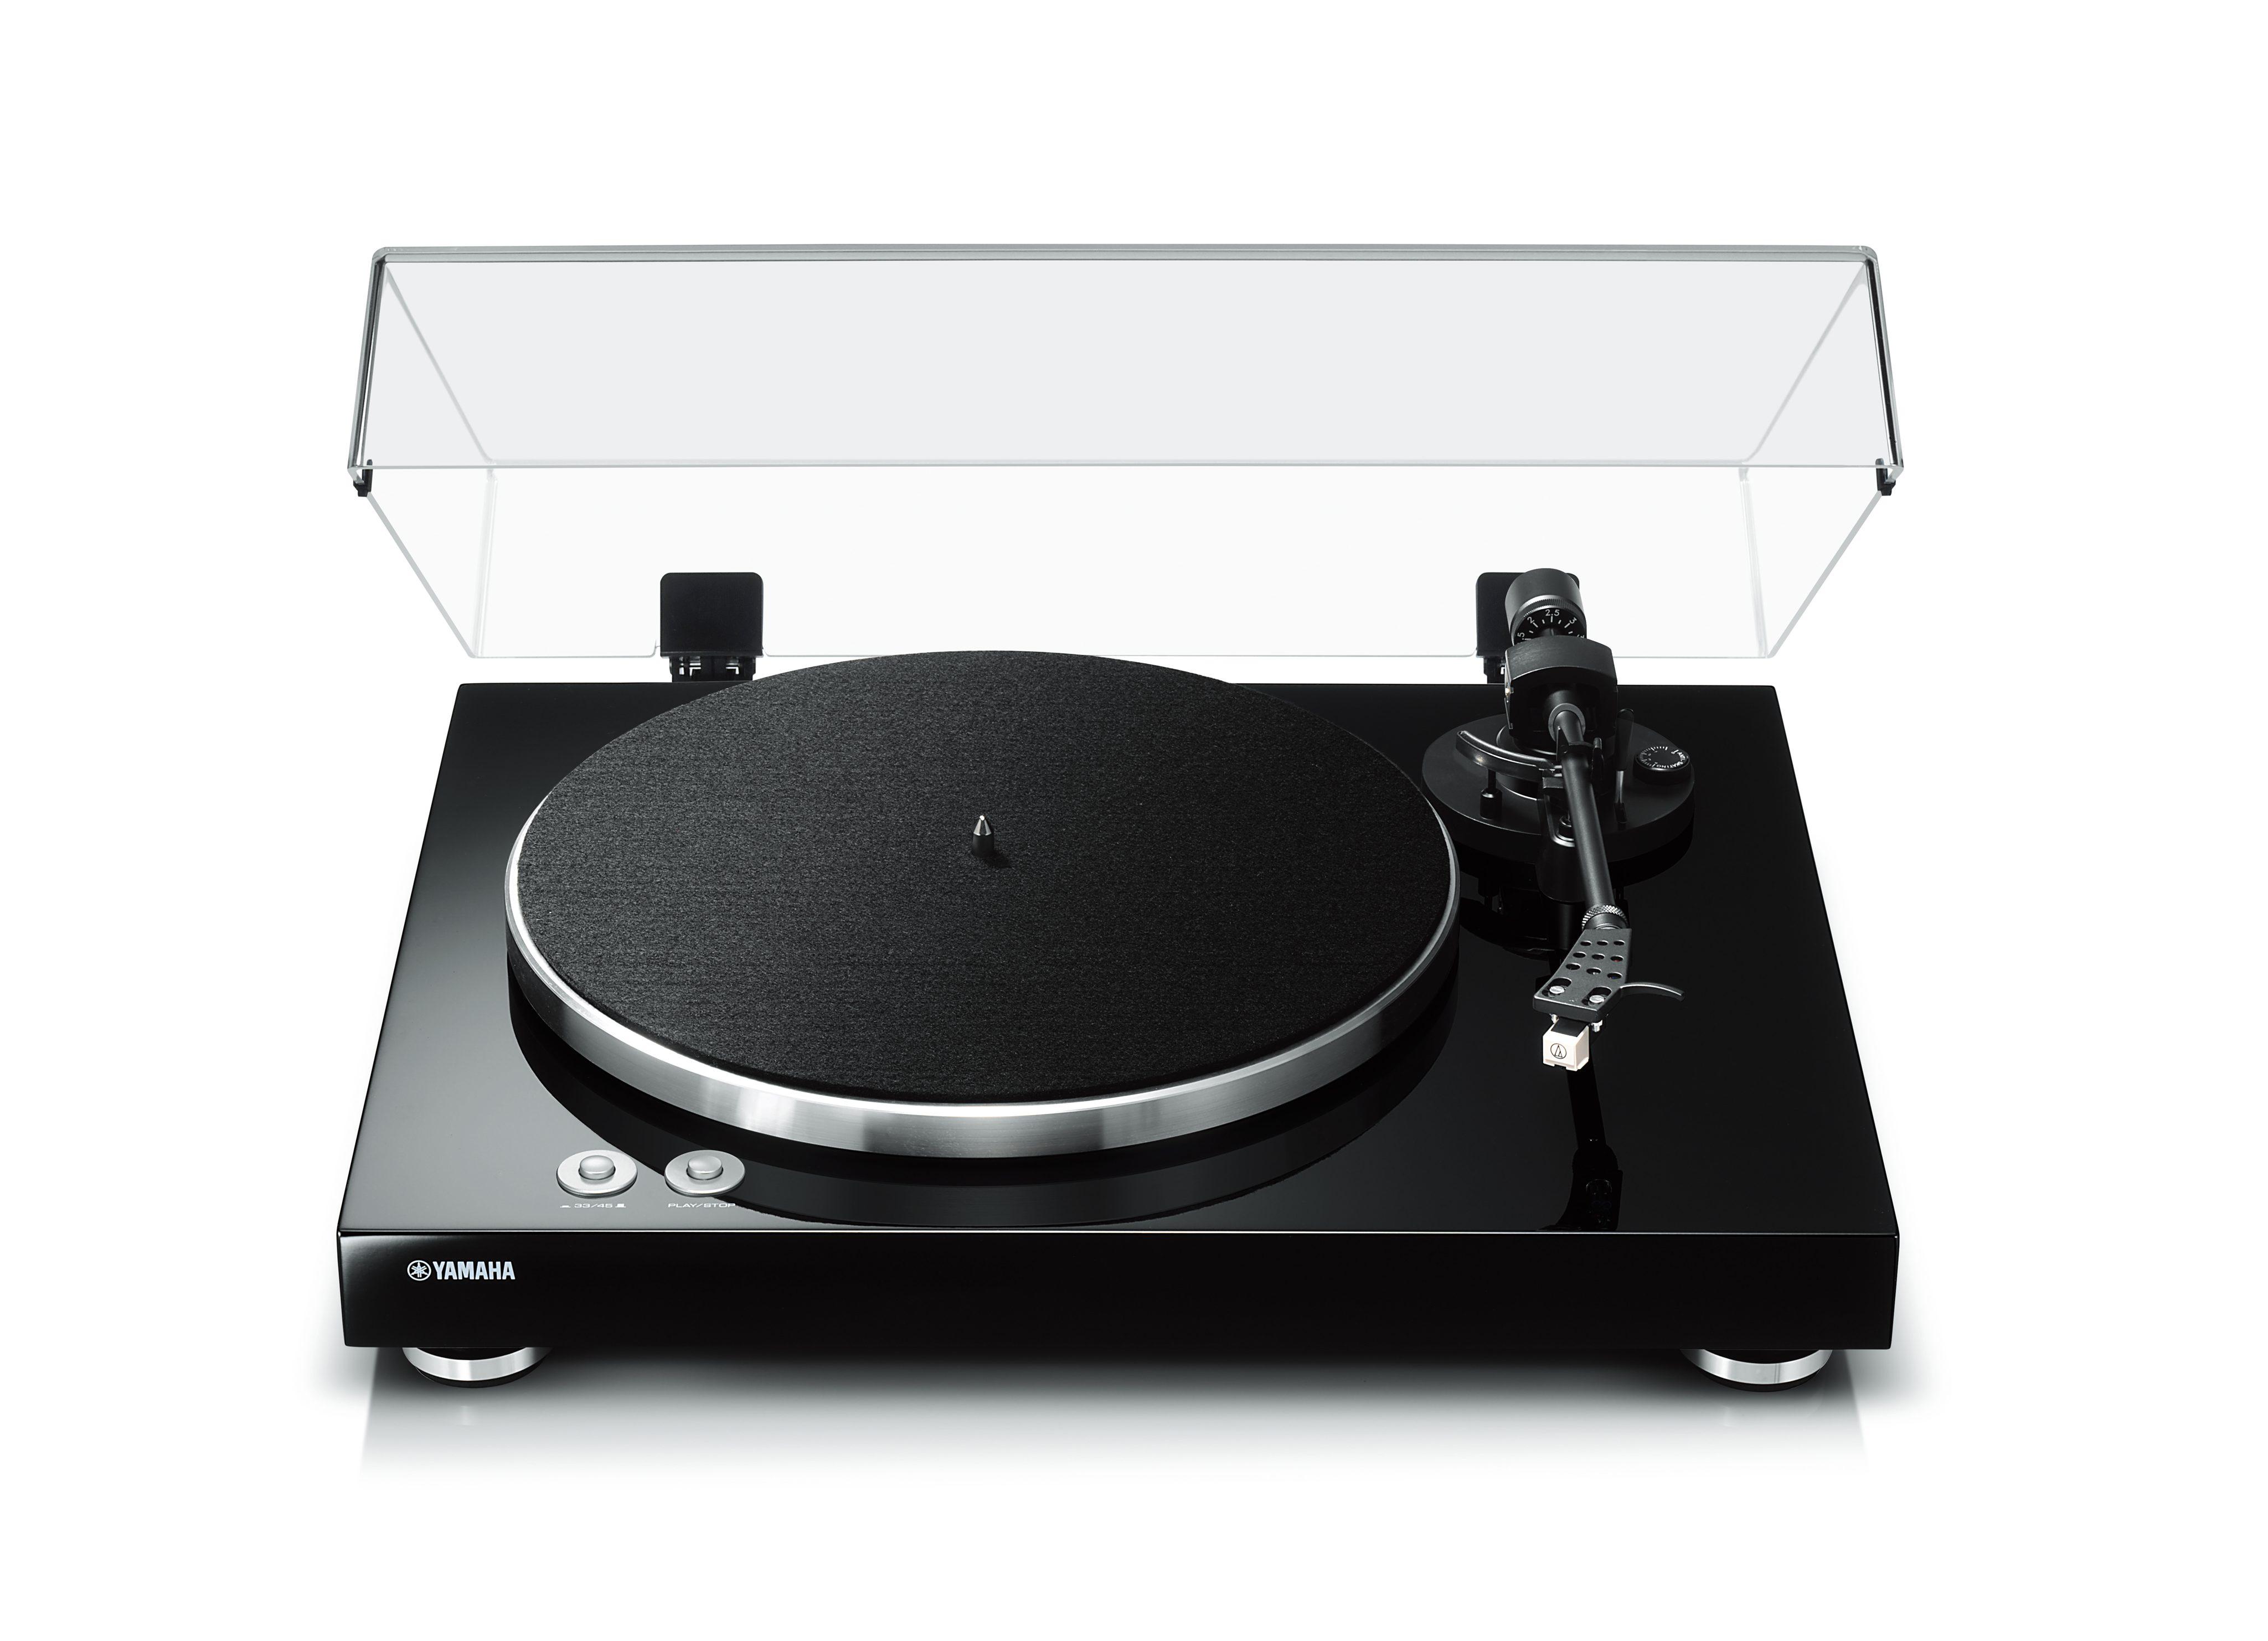 【台南鴻運】日本 YAMAHA 山葉 黑膠唱盤 TT-S303 公司貨 皮帶驅動式